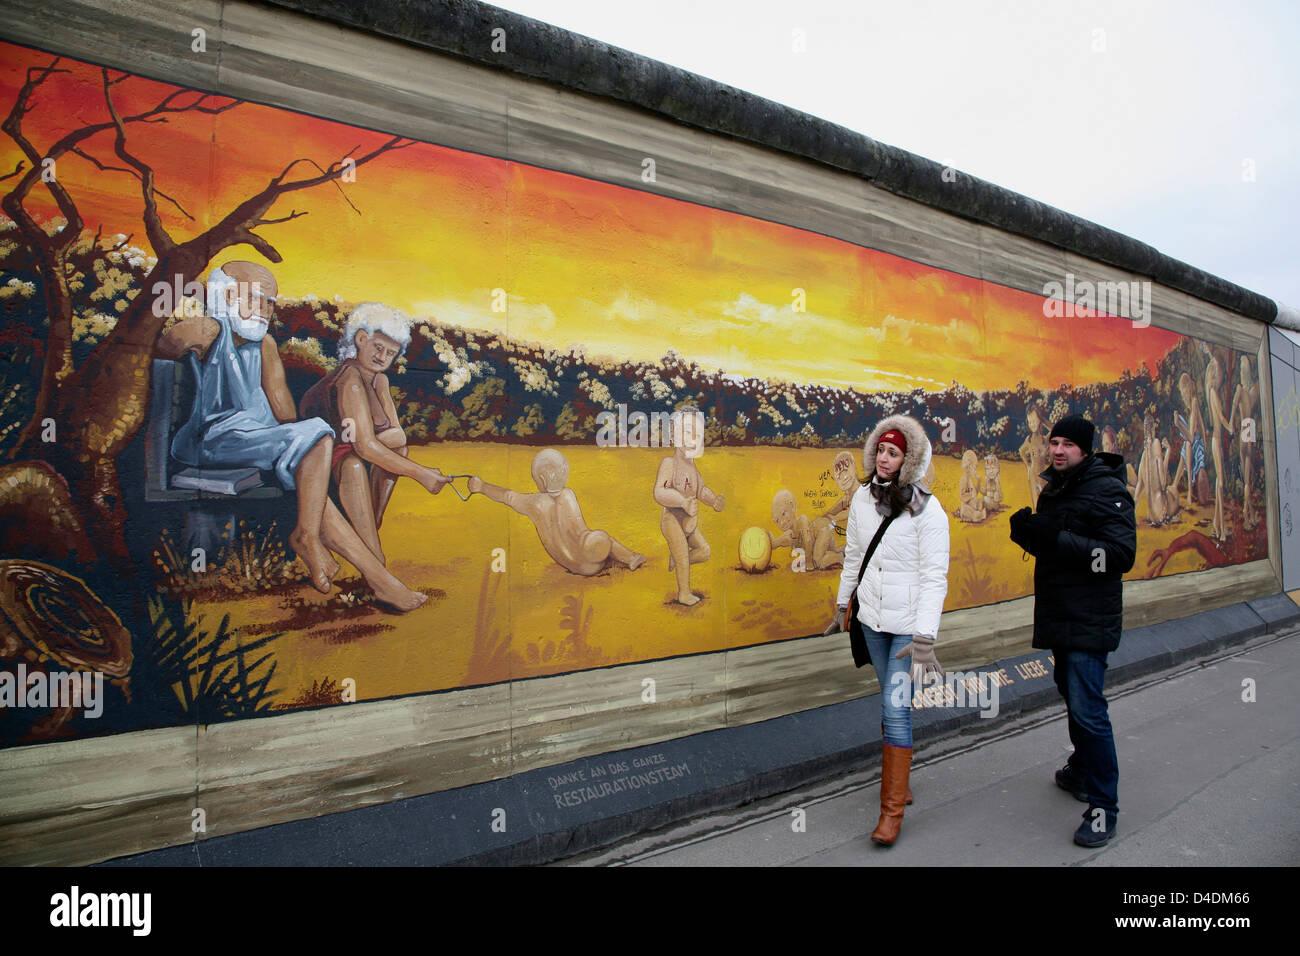 DEUTSCHLAND, Berlin, Touristen an der East-Side-Gallery, Malerei von Henry Schmidt - Stock Image